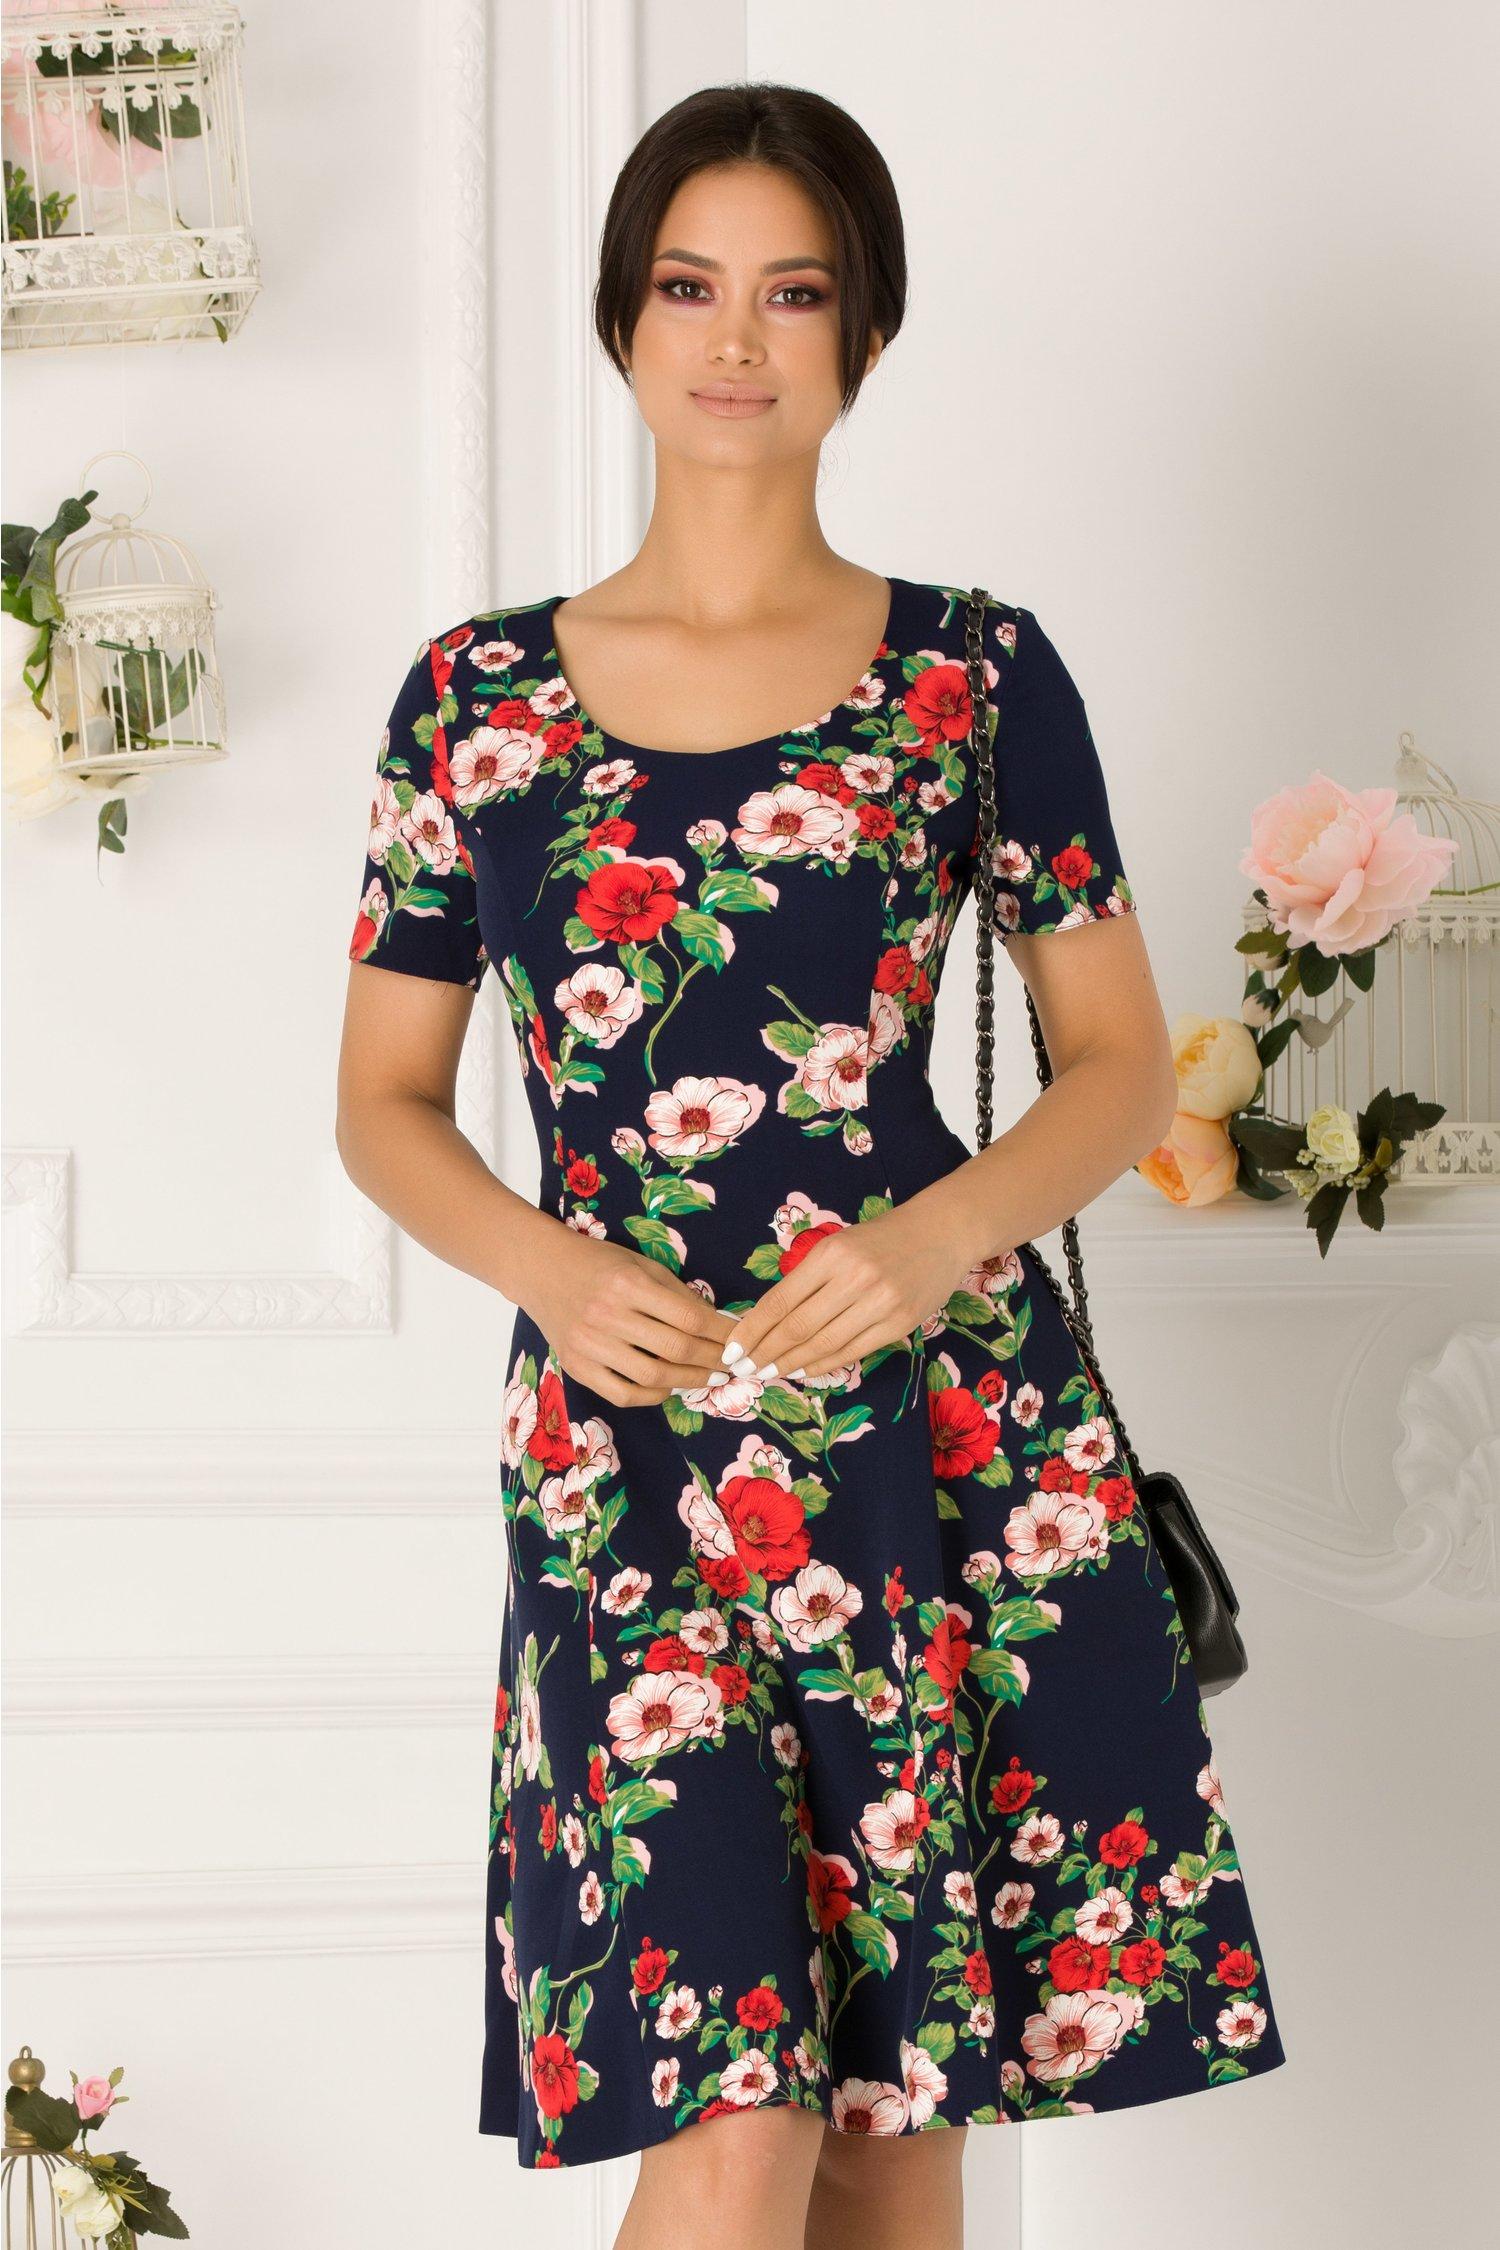 Rochie Sarra bleumarin cu imprimeu floral roz si rosu